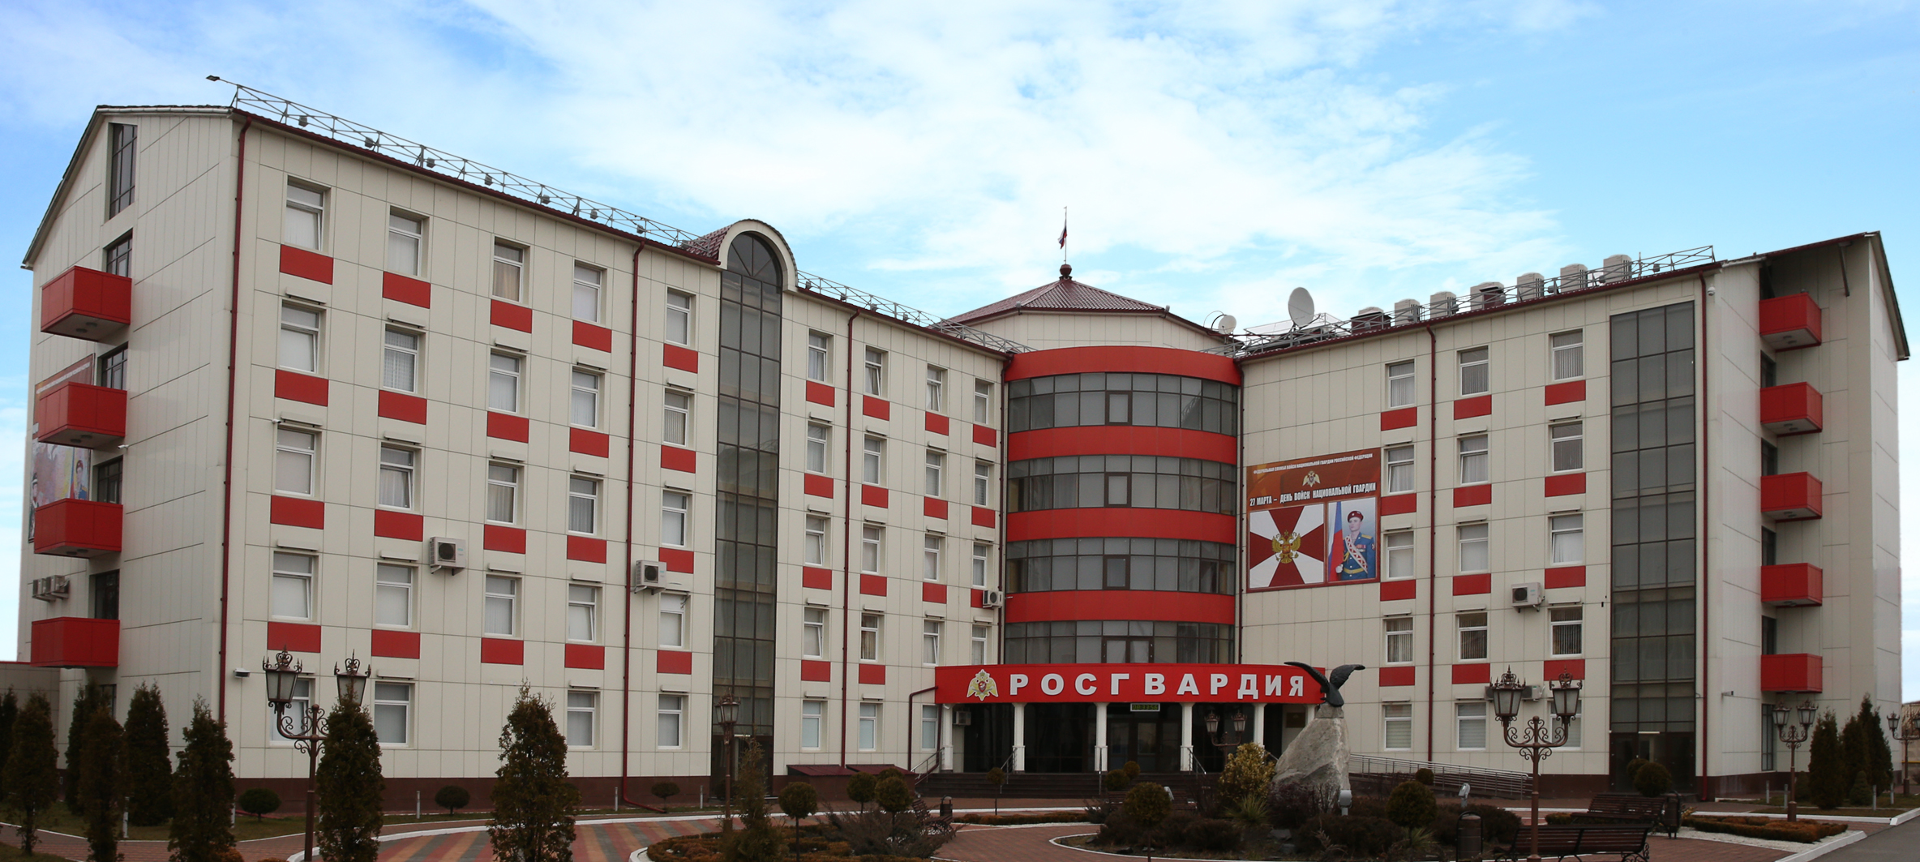 В Северо-Кавказском округе Росгвардии проходит оперативный сбор руководящего состава